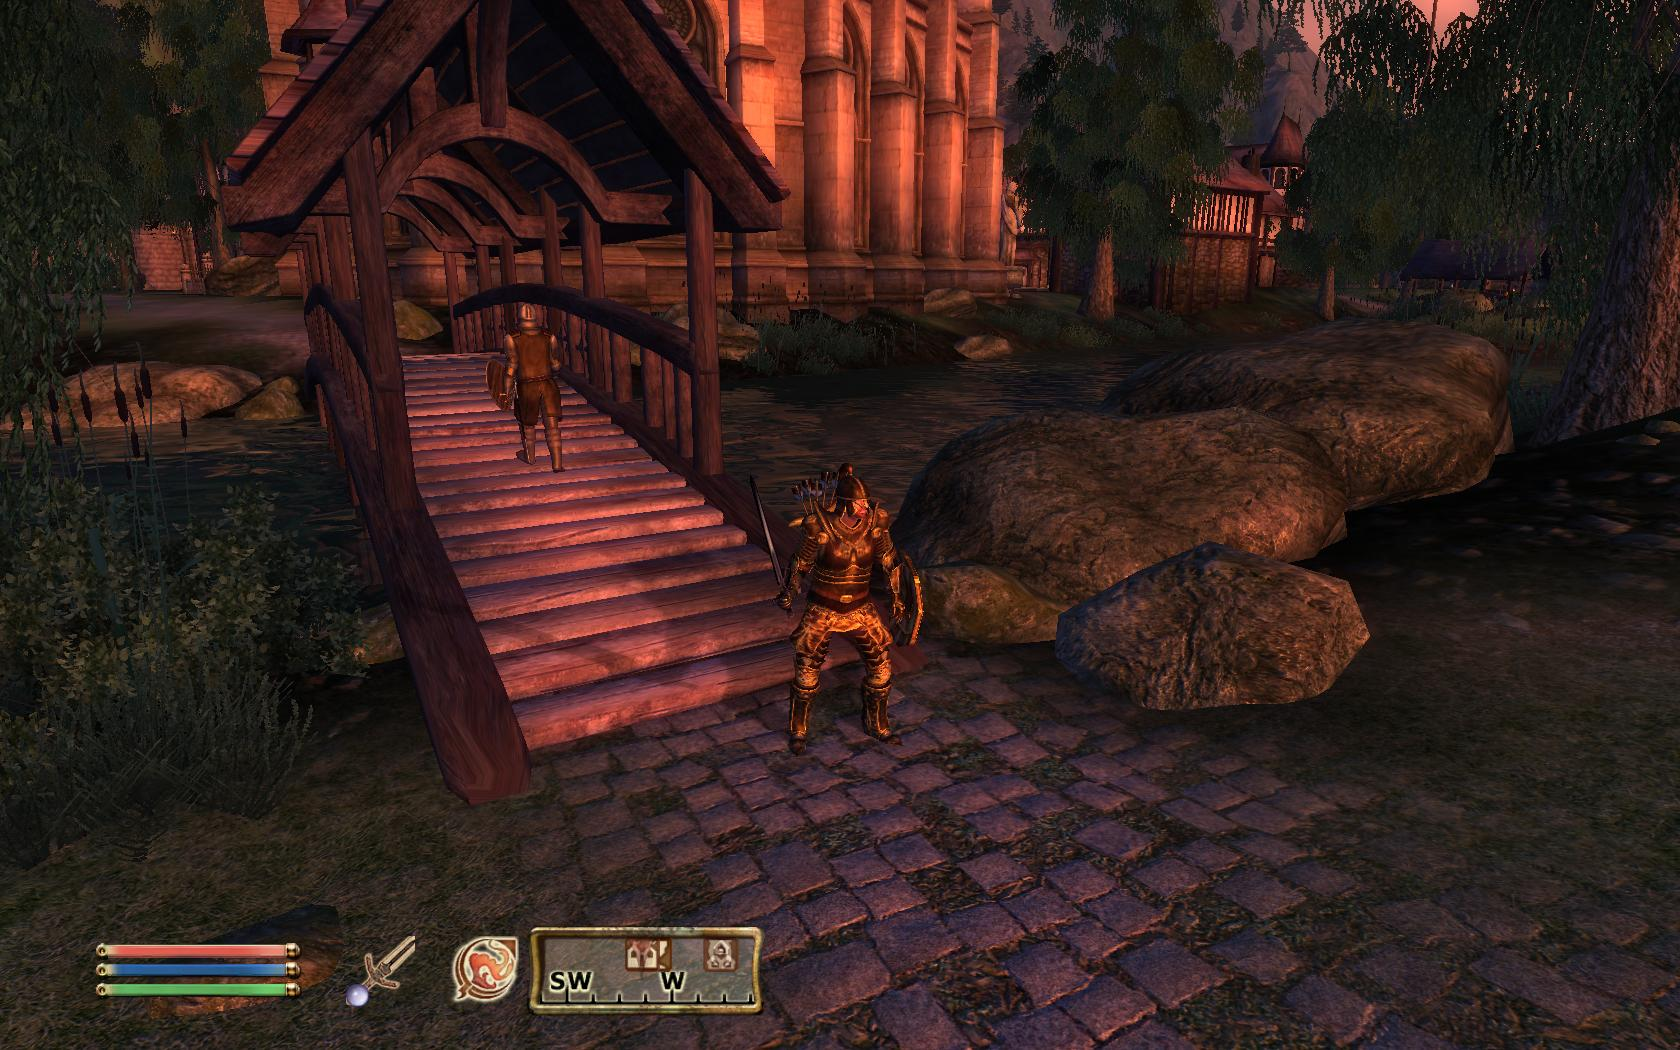 oblivion_2006_08_15_15_26_42_34